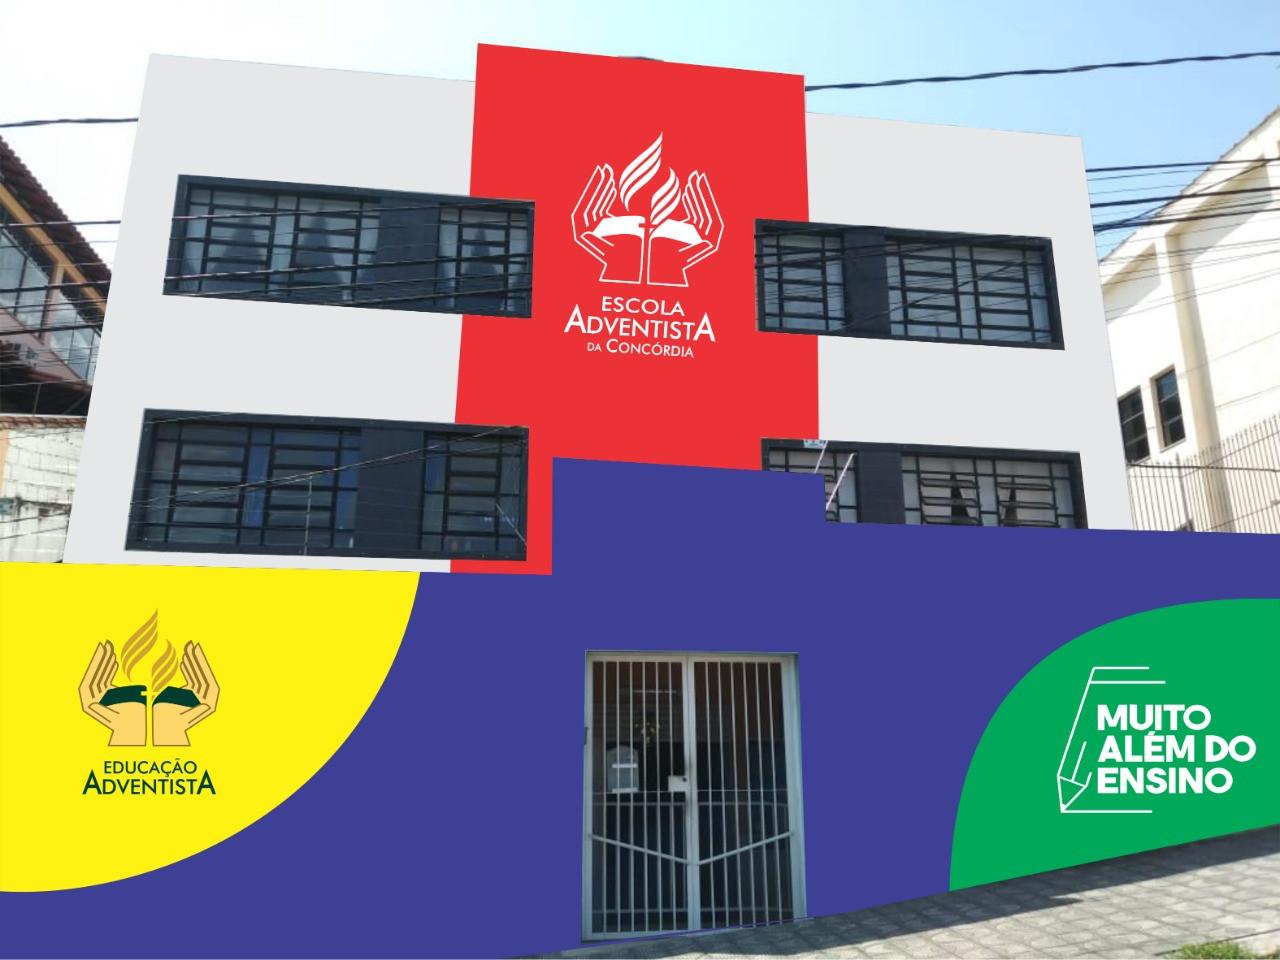 Escola Adventista da Concórdia - Fachada